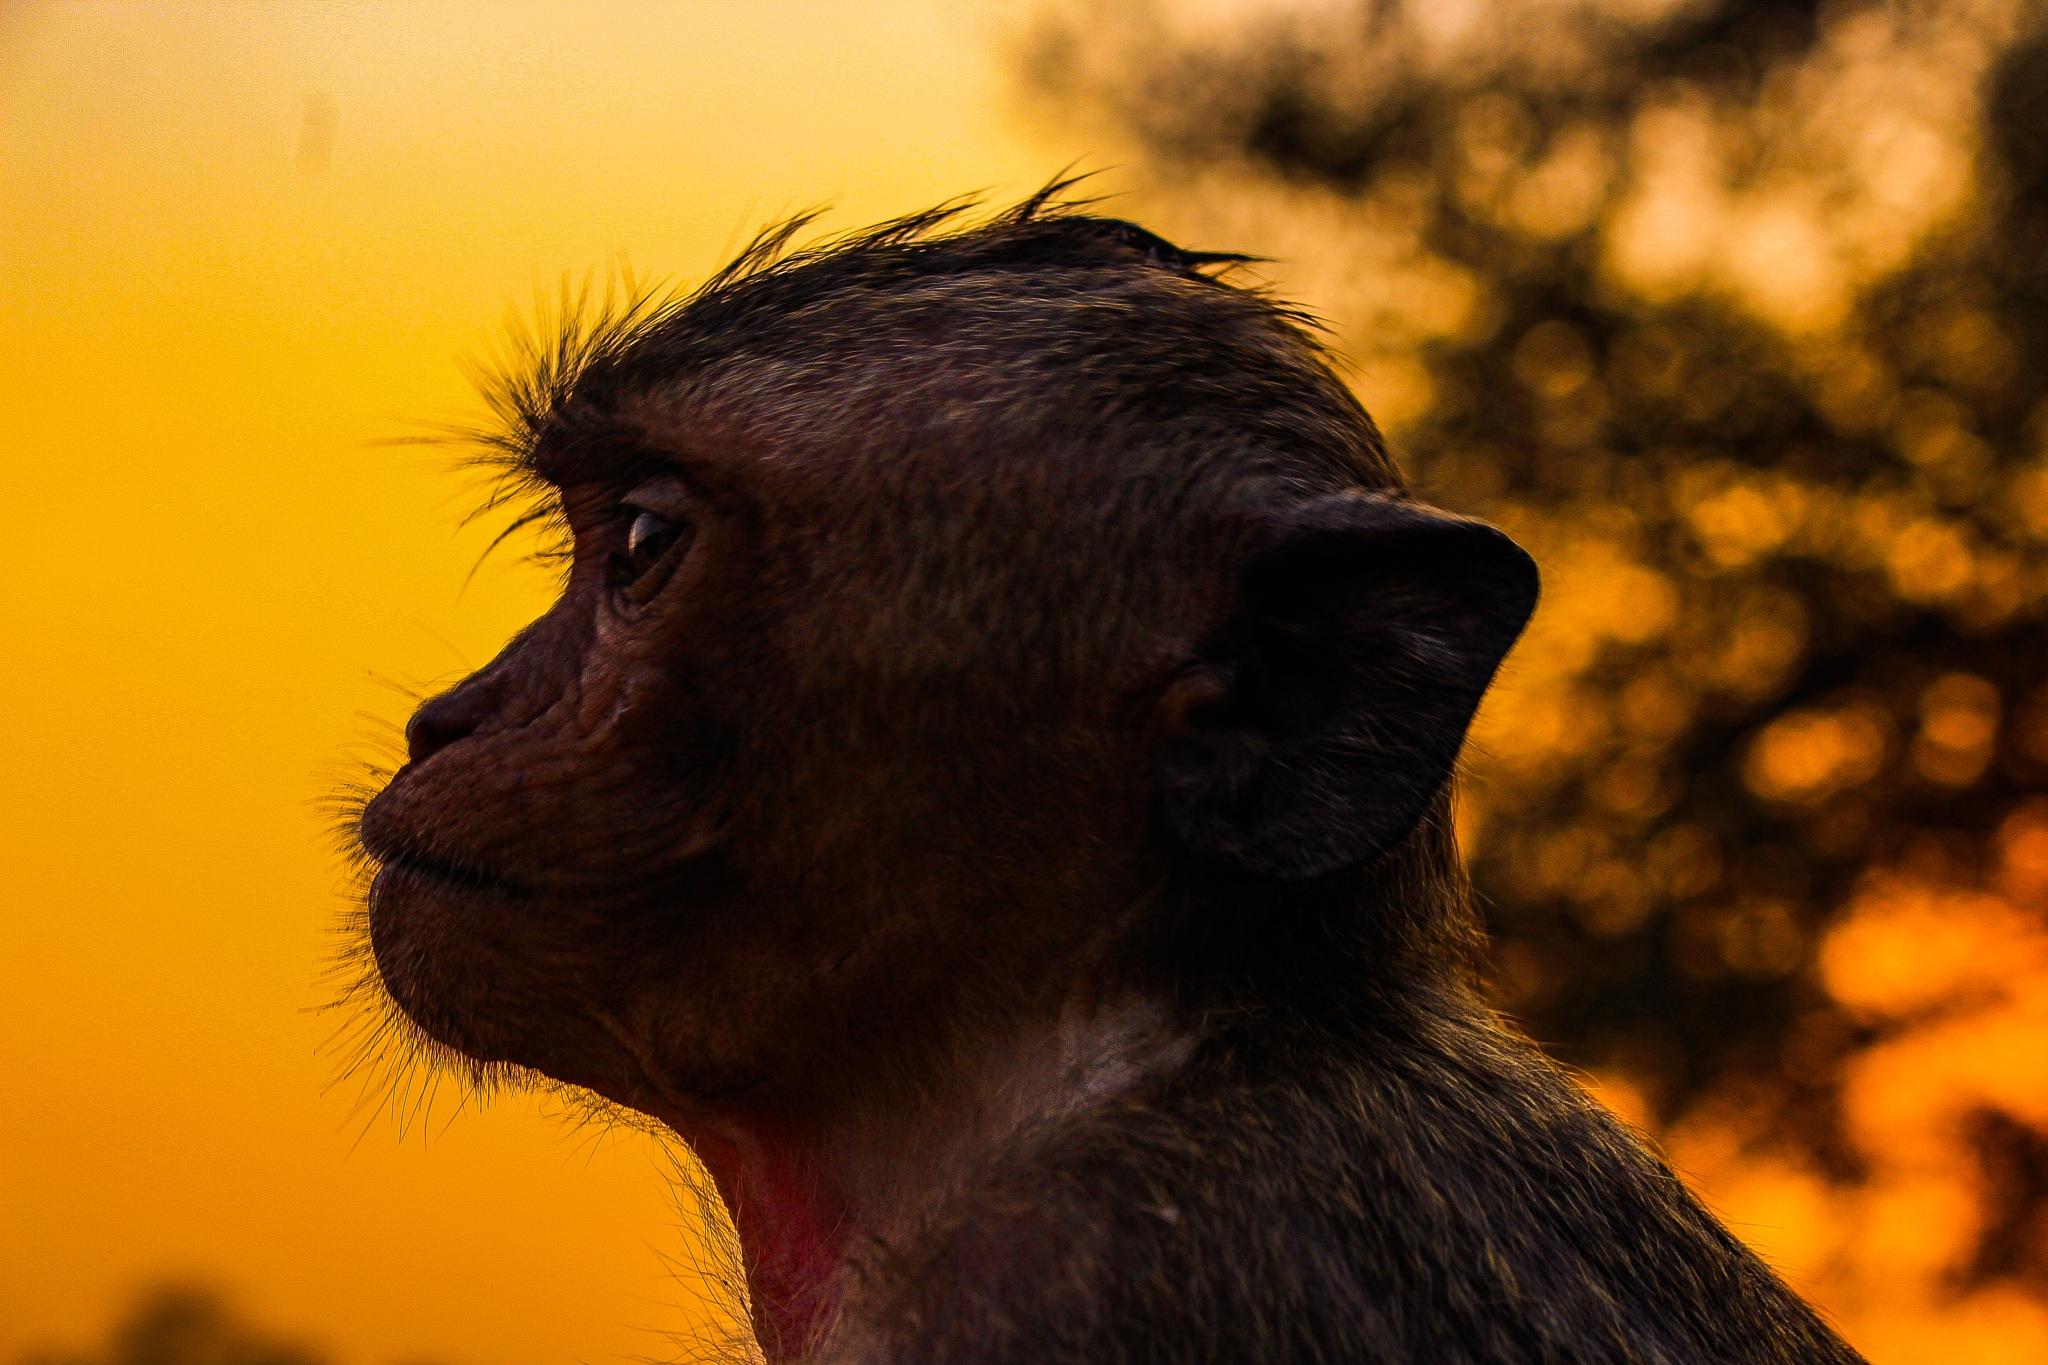 Photo in Nature #monkey #sunset #temple #ankor #travel #sideprofile #headshot